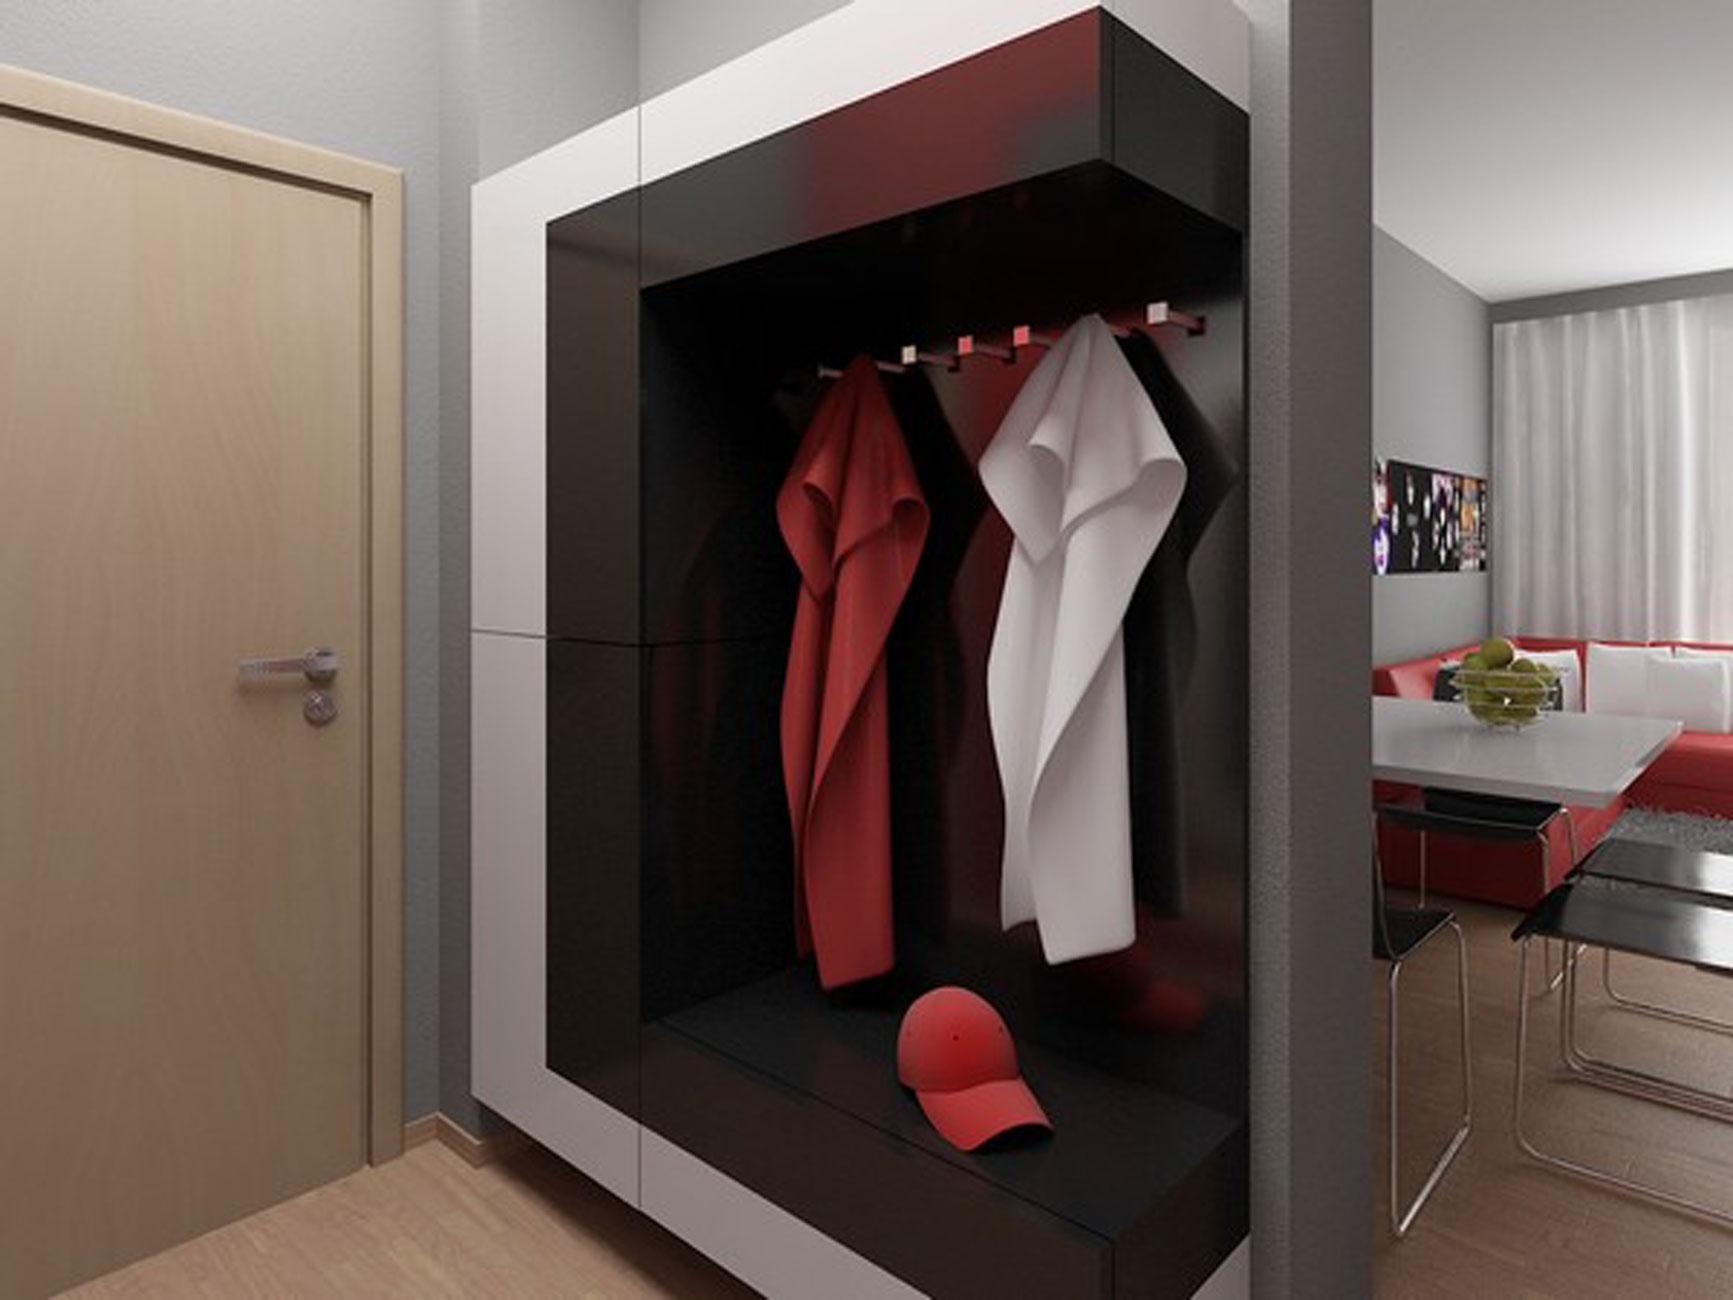 Дизайн прихожей в квартире фото 2016 современные идеи